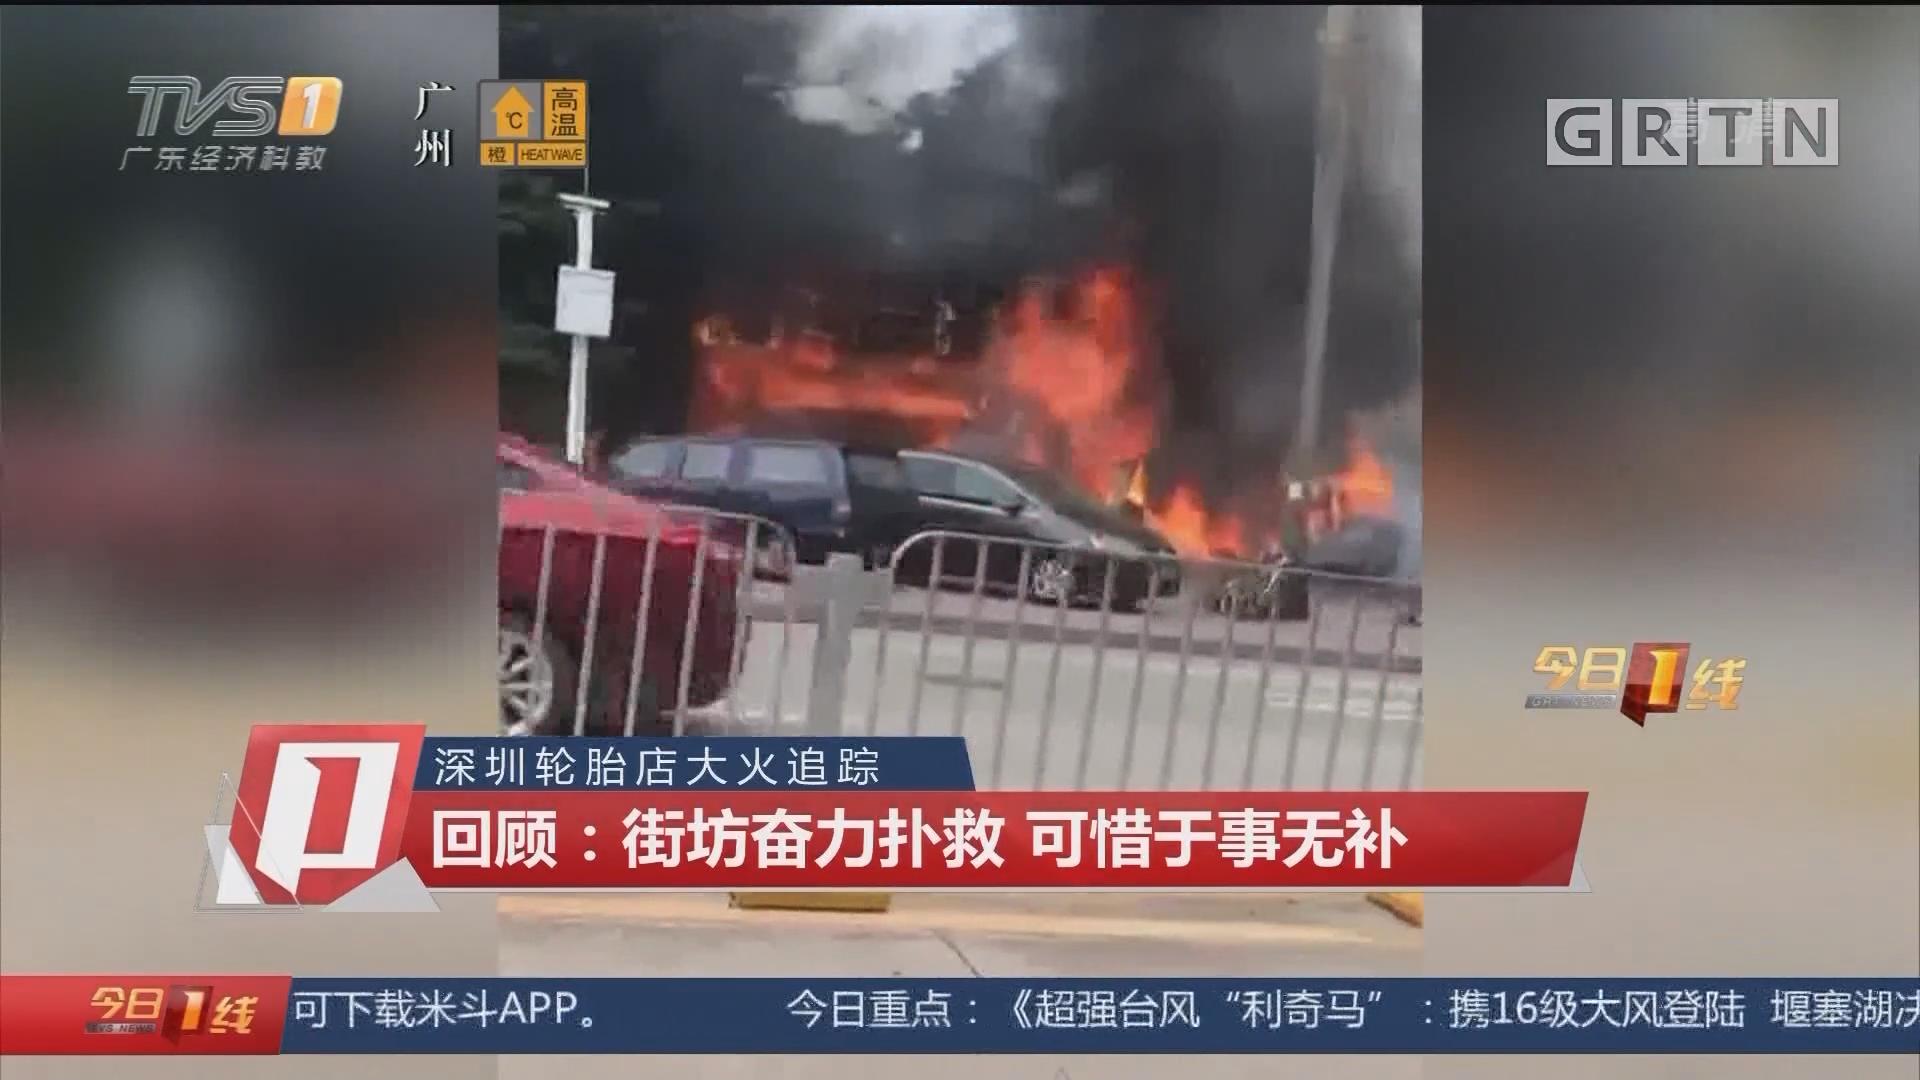 深圳轮胎店大火追踪 回顾:街坊奋力扑救 可惜于事无补